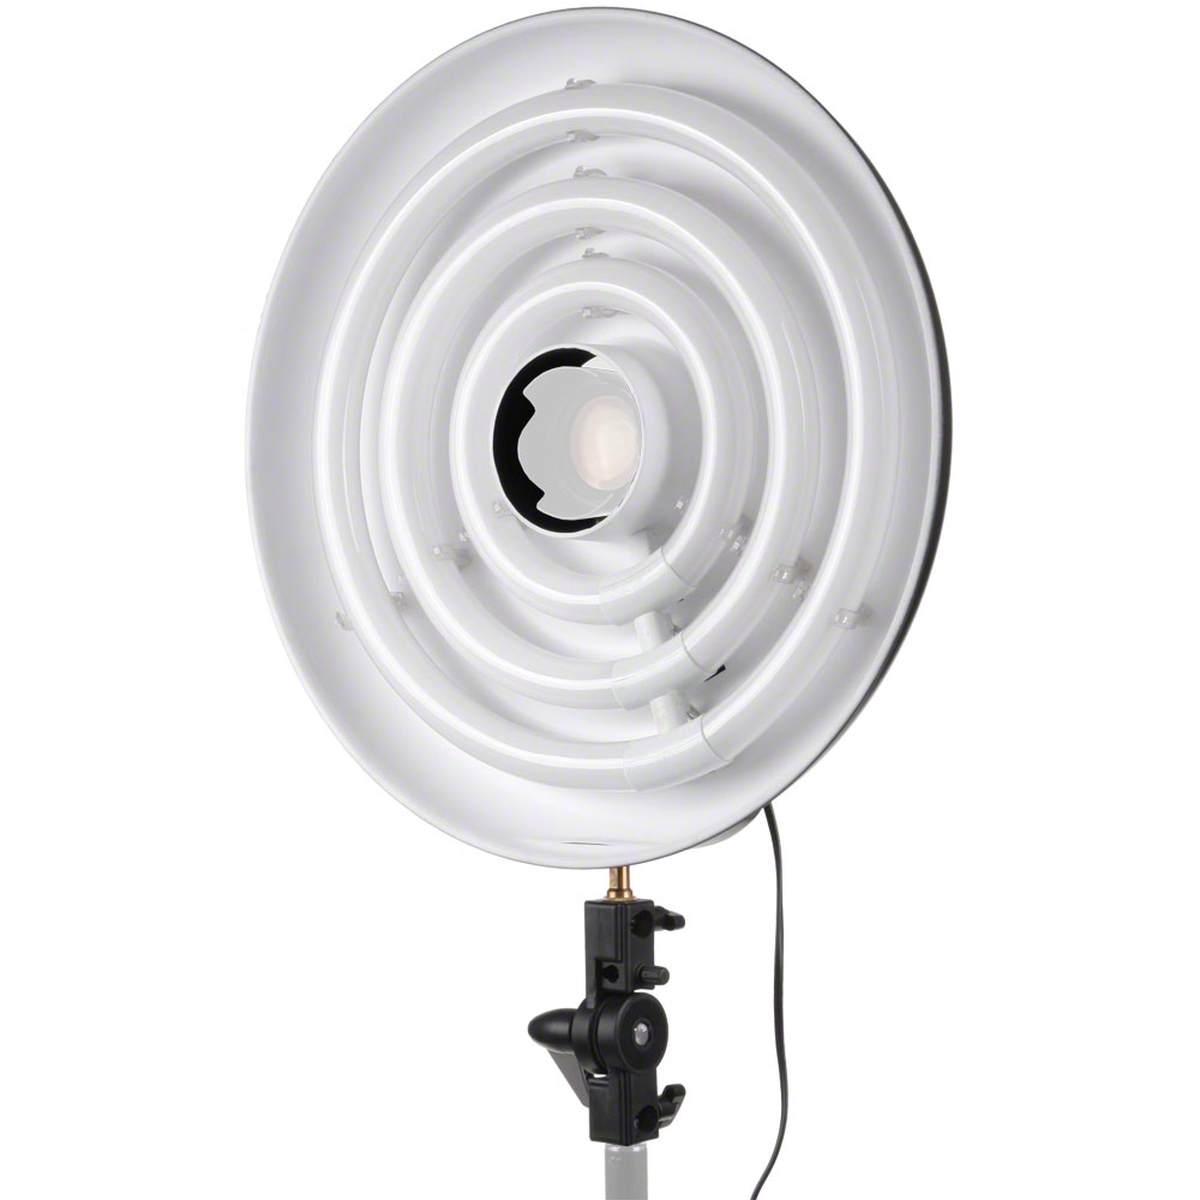 Walimex Beauty Ring Light 90W